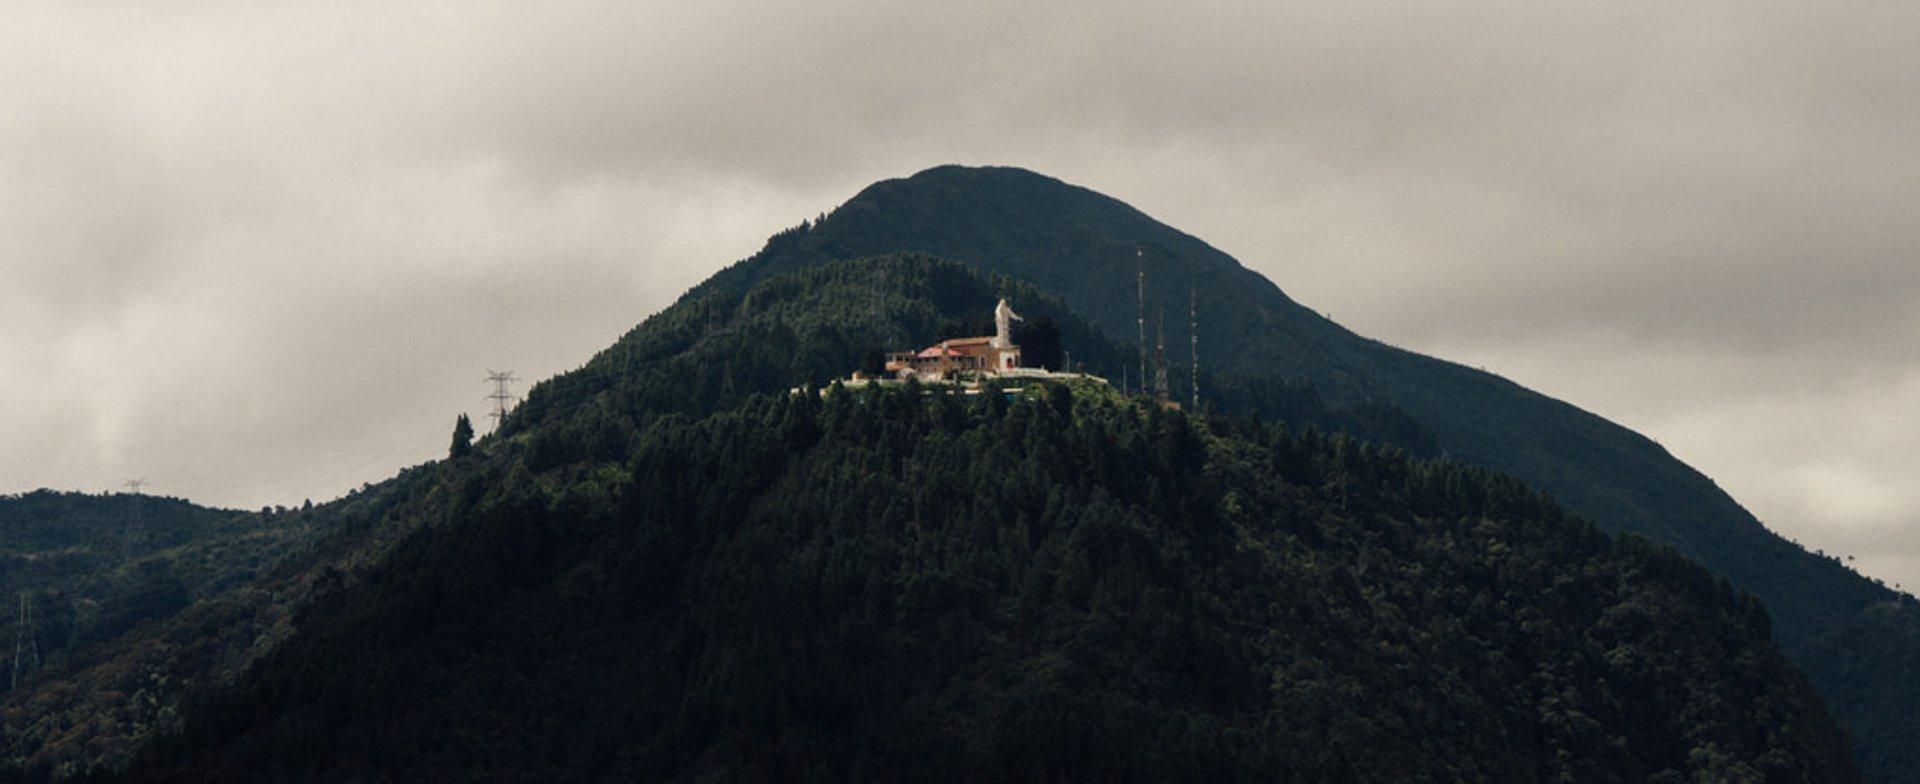 Monserrate Mountain in Colombia - Best Season 2020